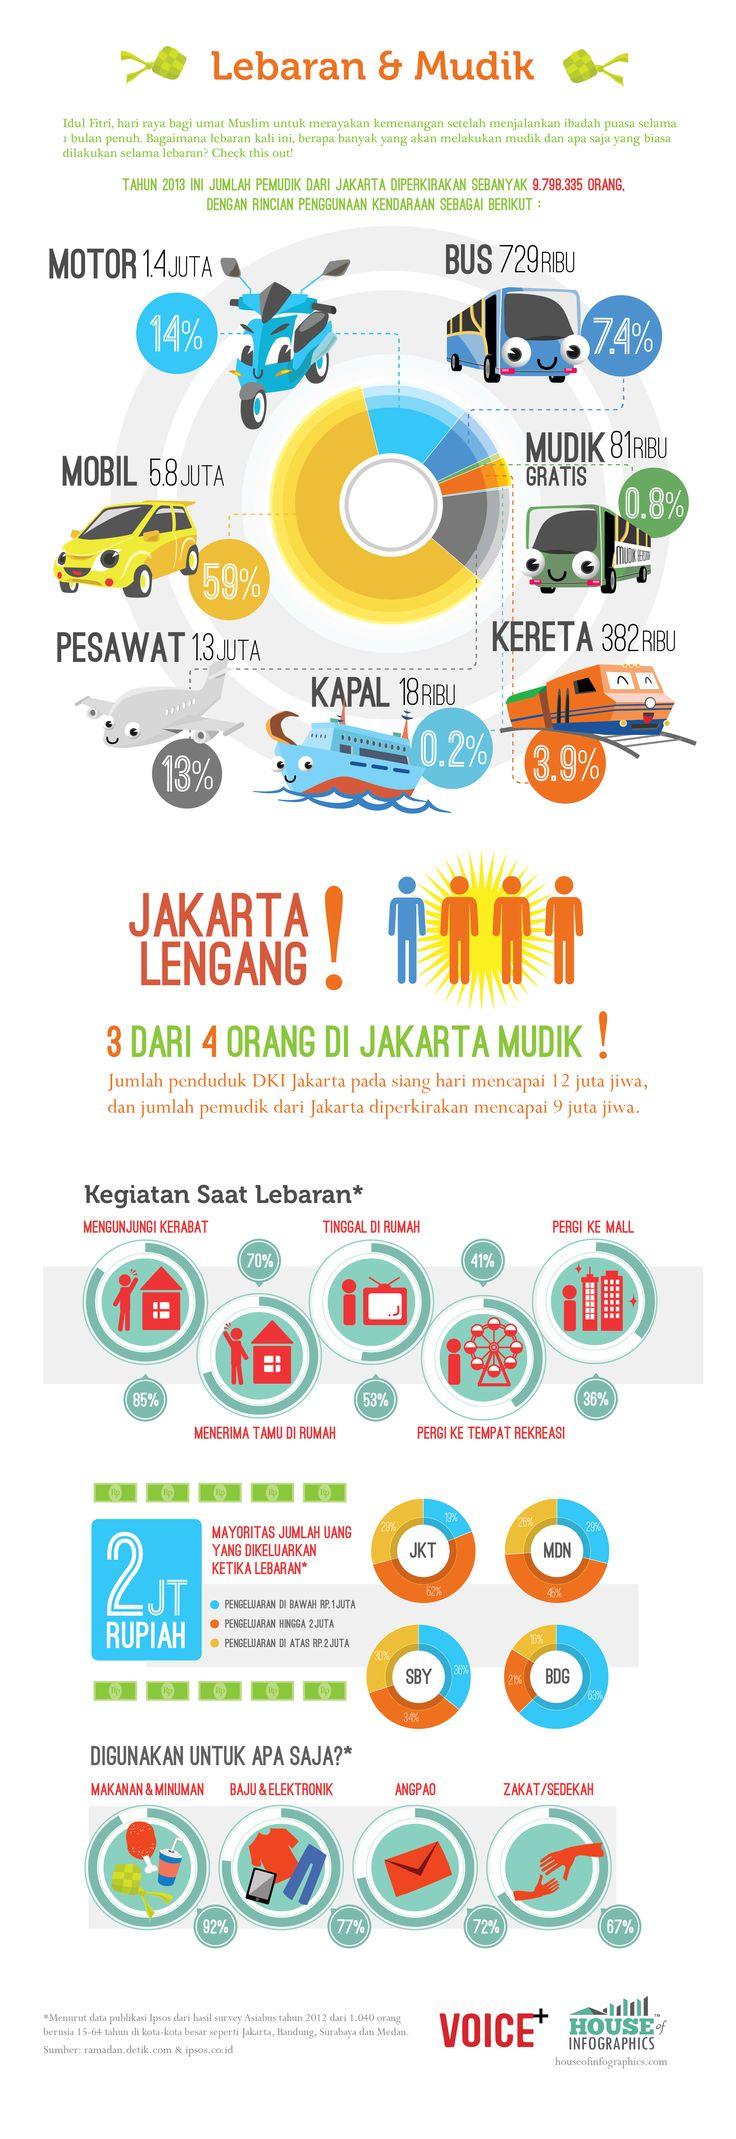 Infografis : Lebaran dan Mudik Indonesia Tahun 2013